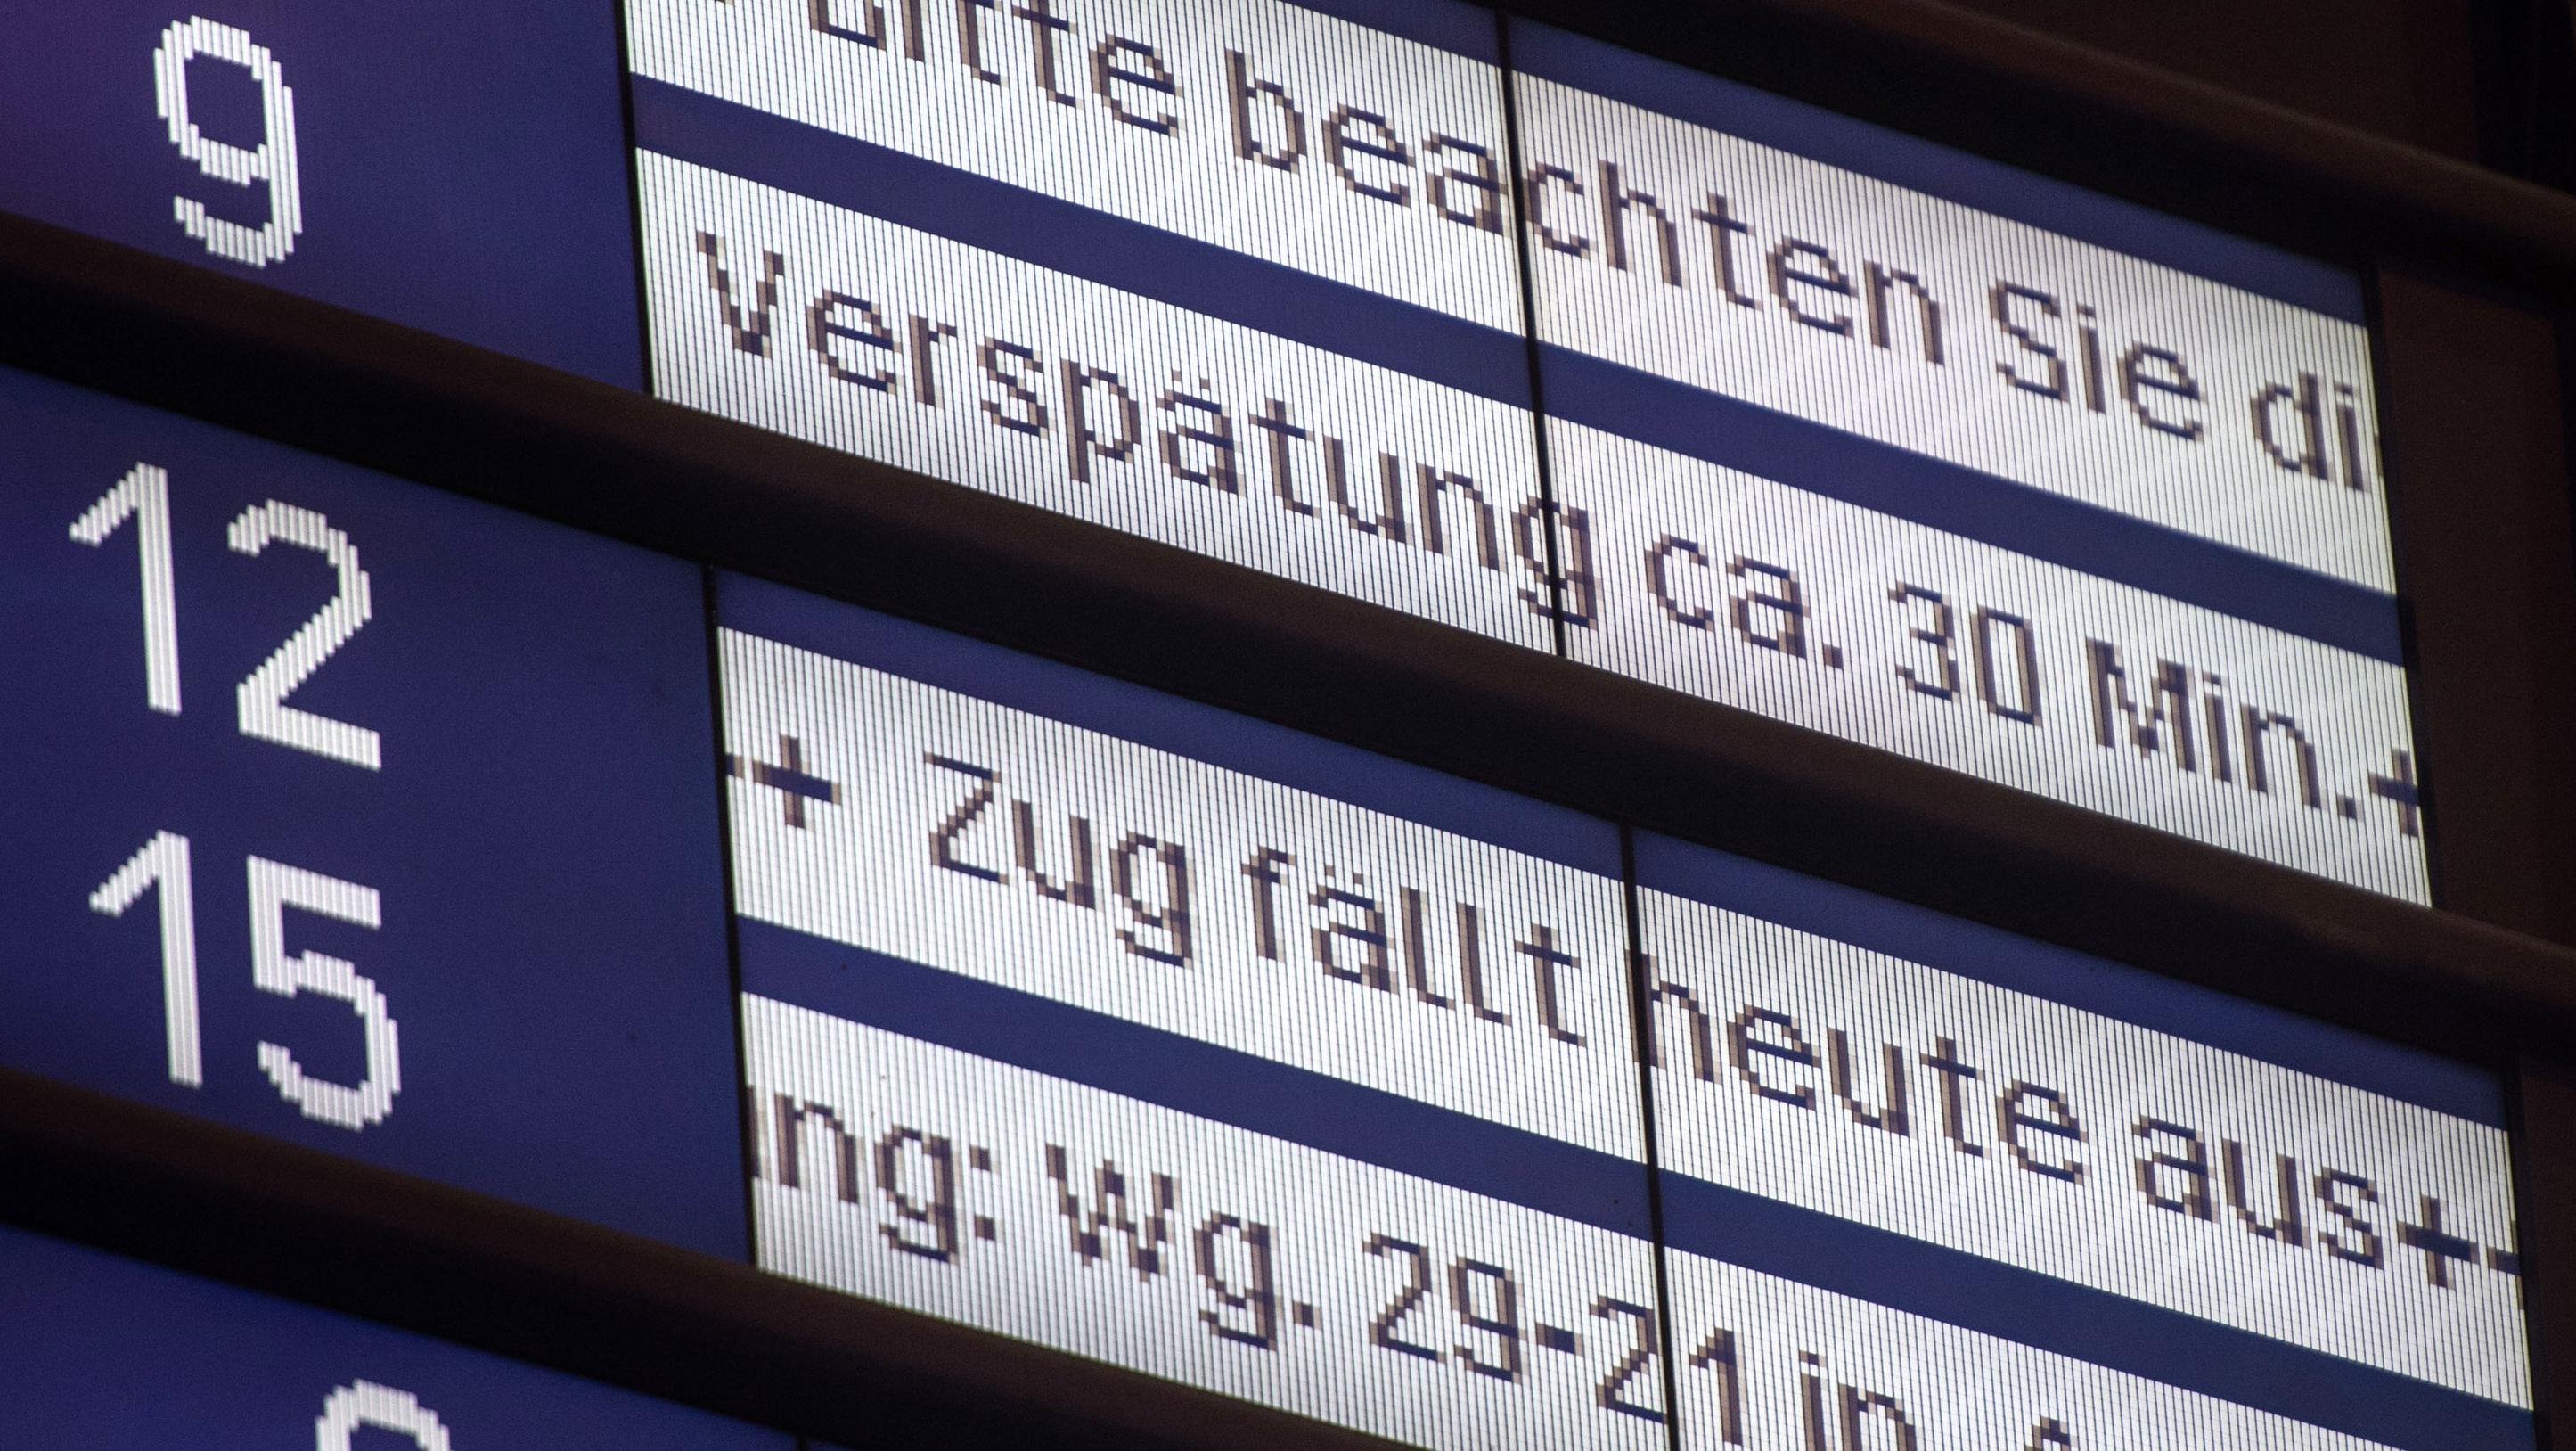 Anzeigetafel am Bahnhof zeigt Verspätungen und Zugausfälle an